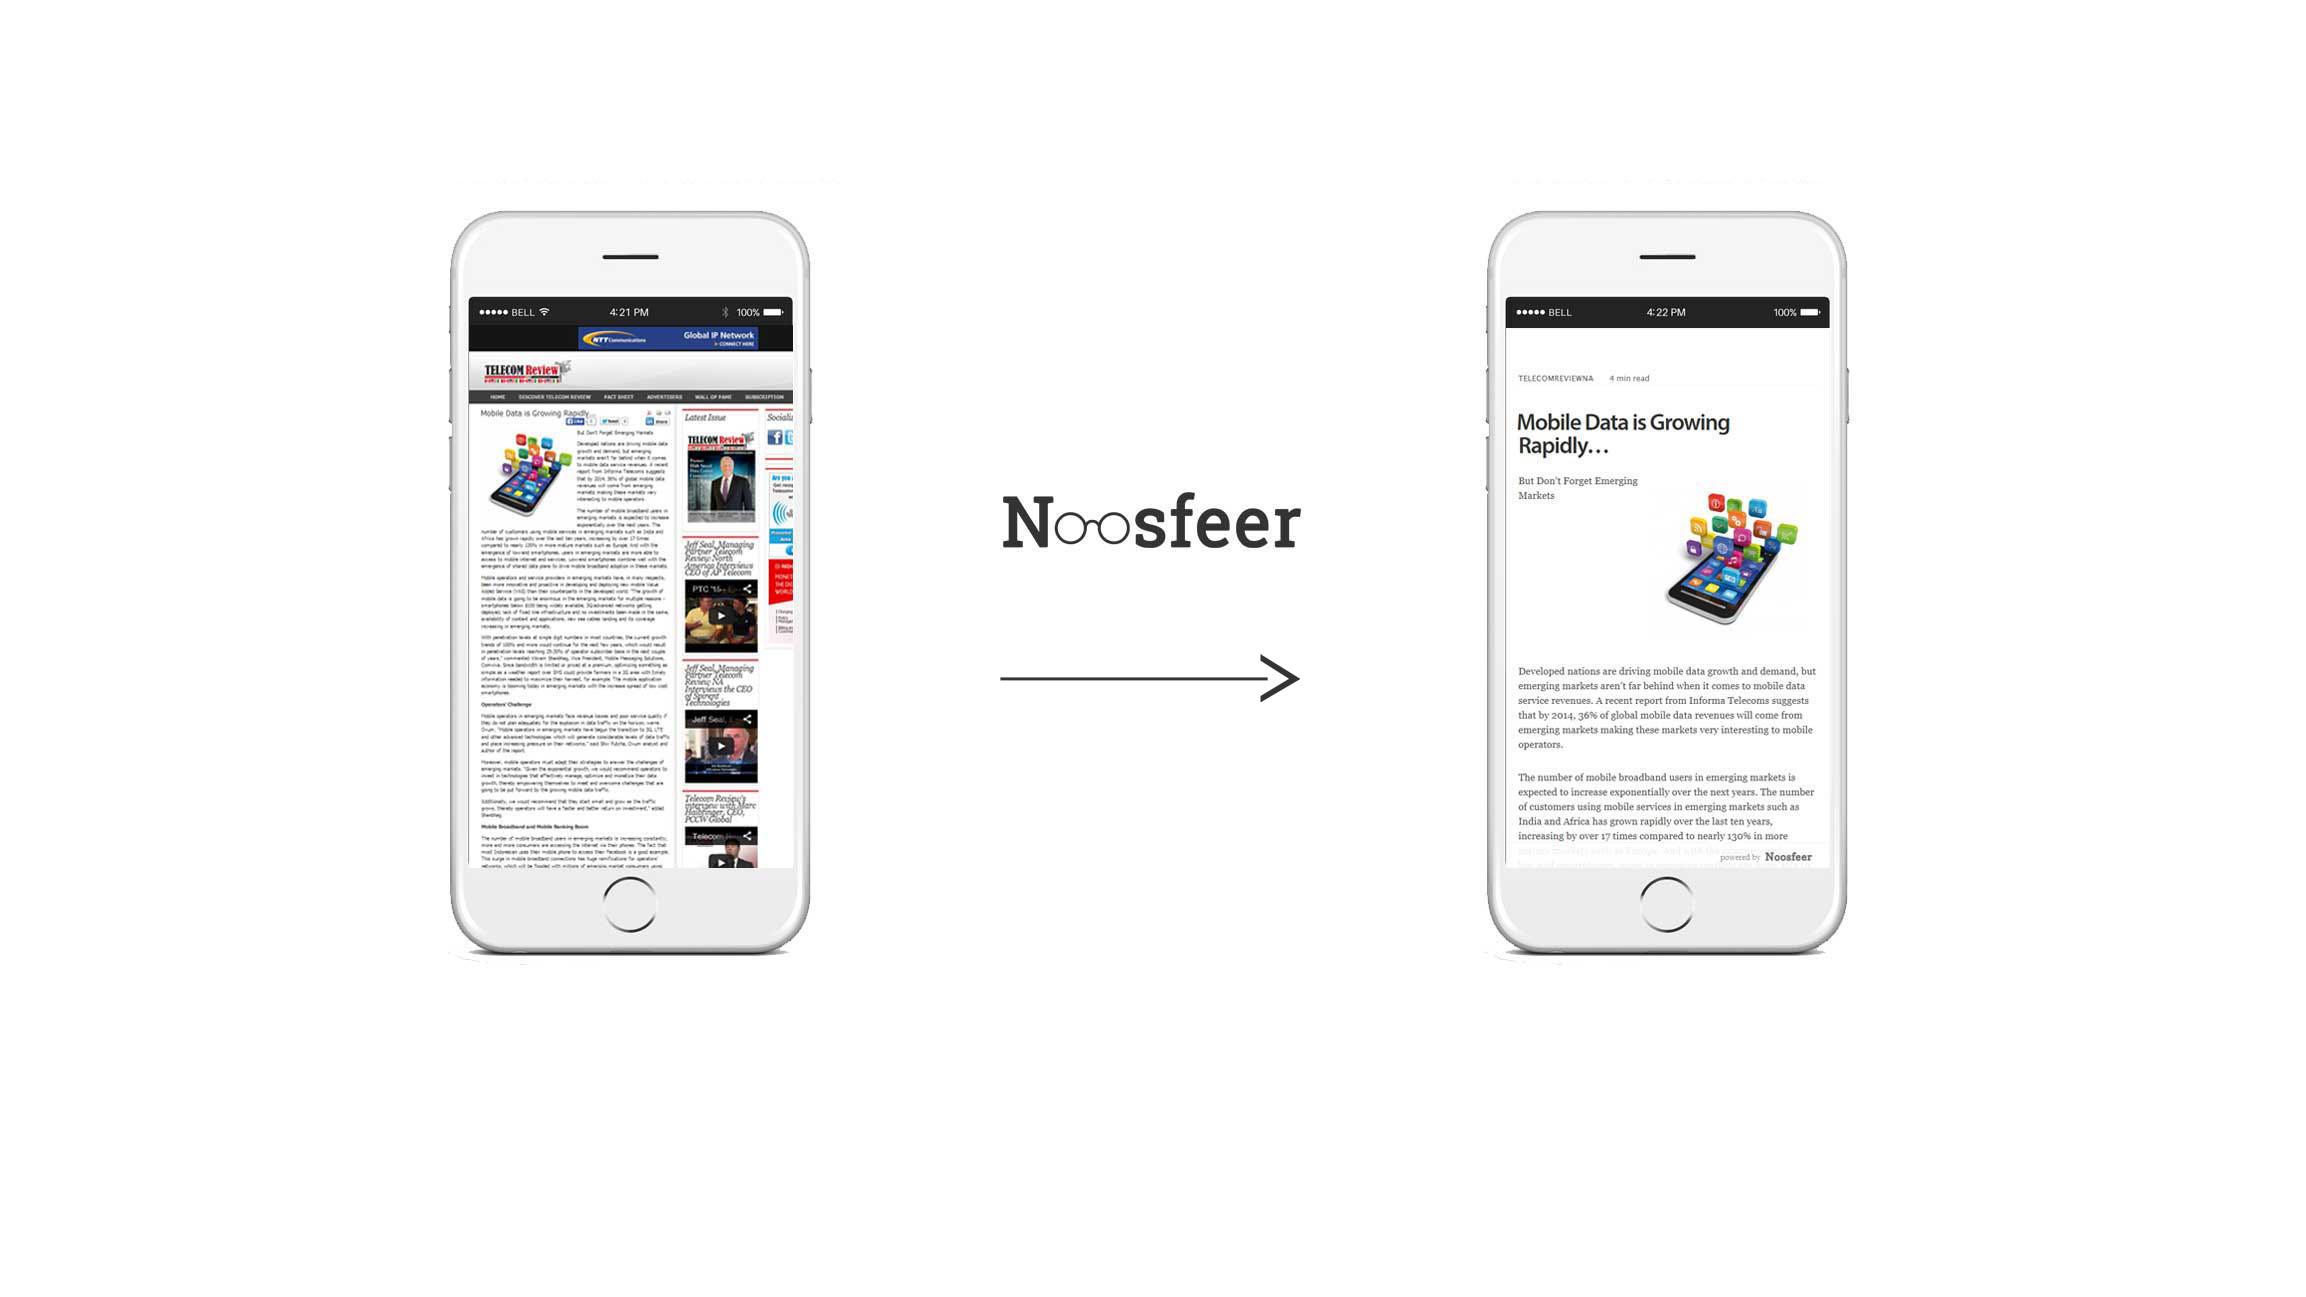 Example Noosfeer